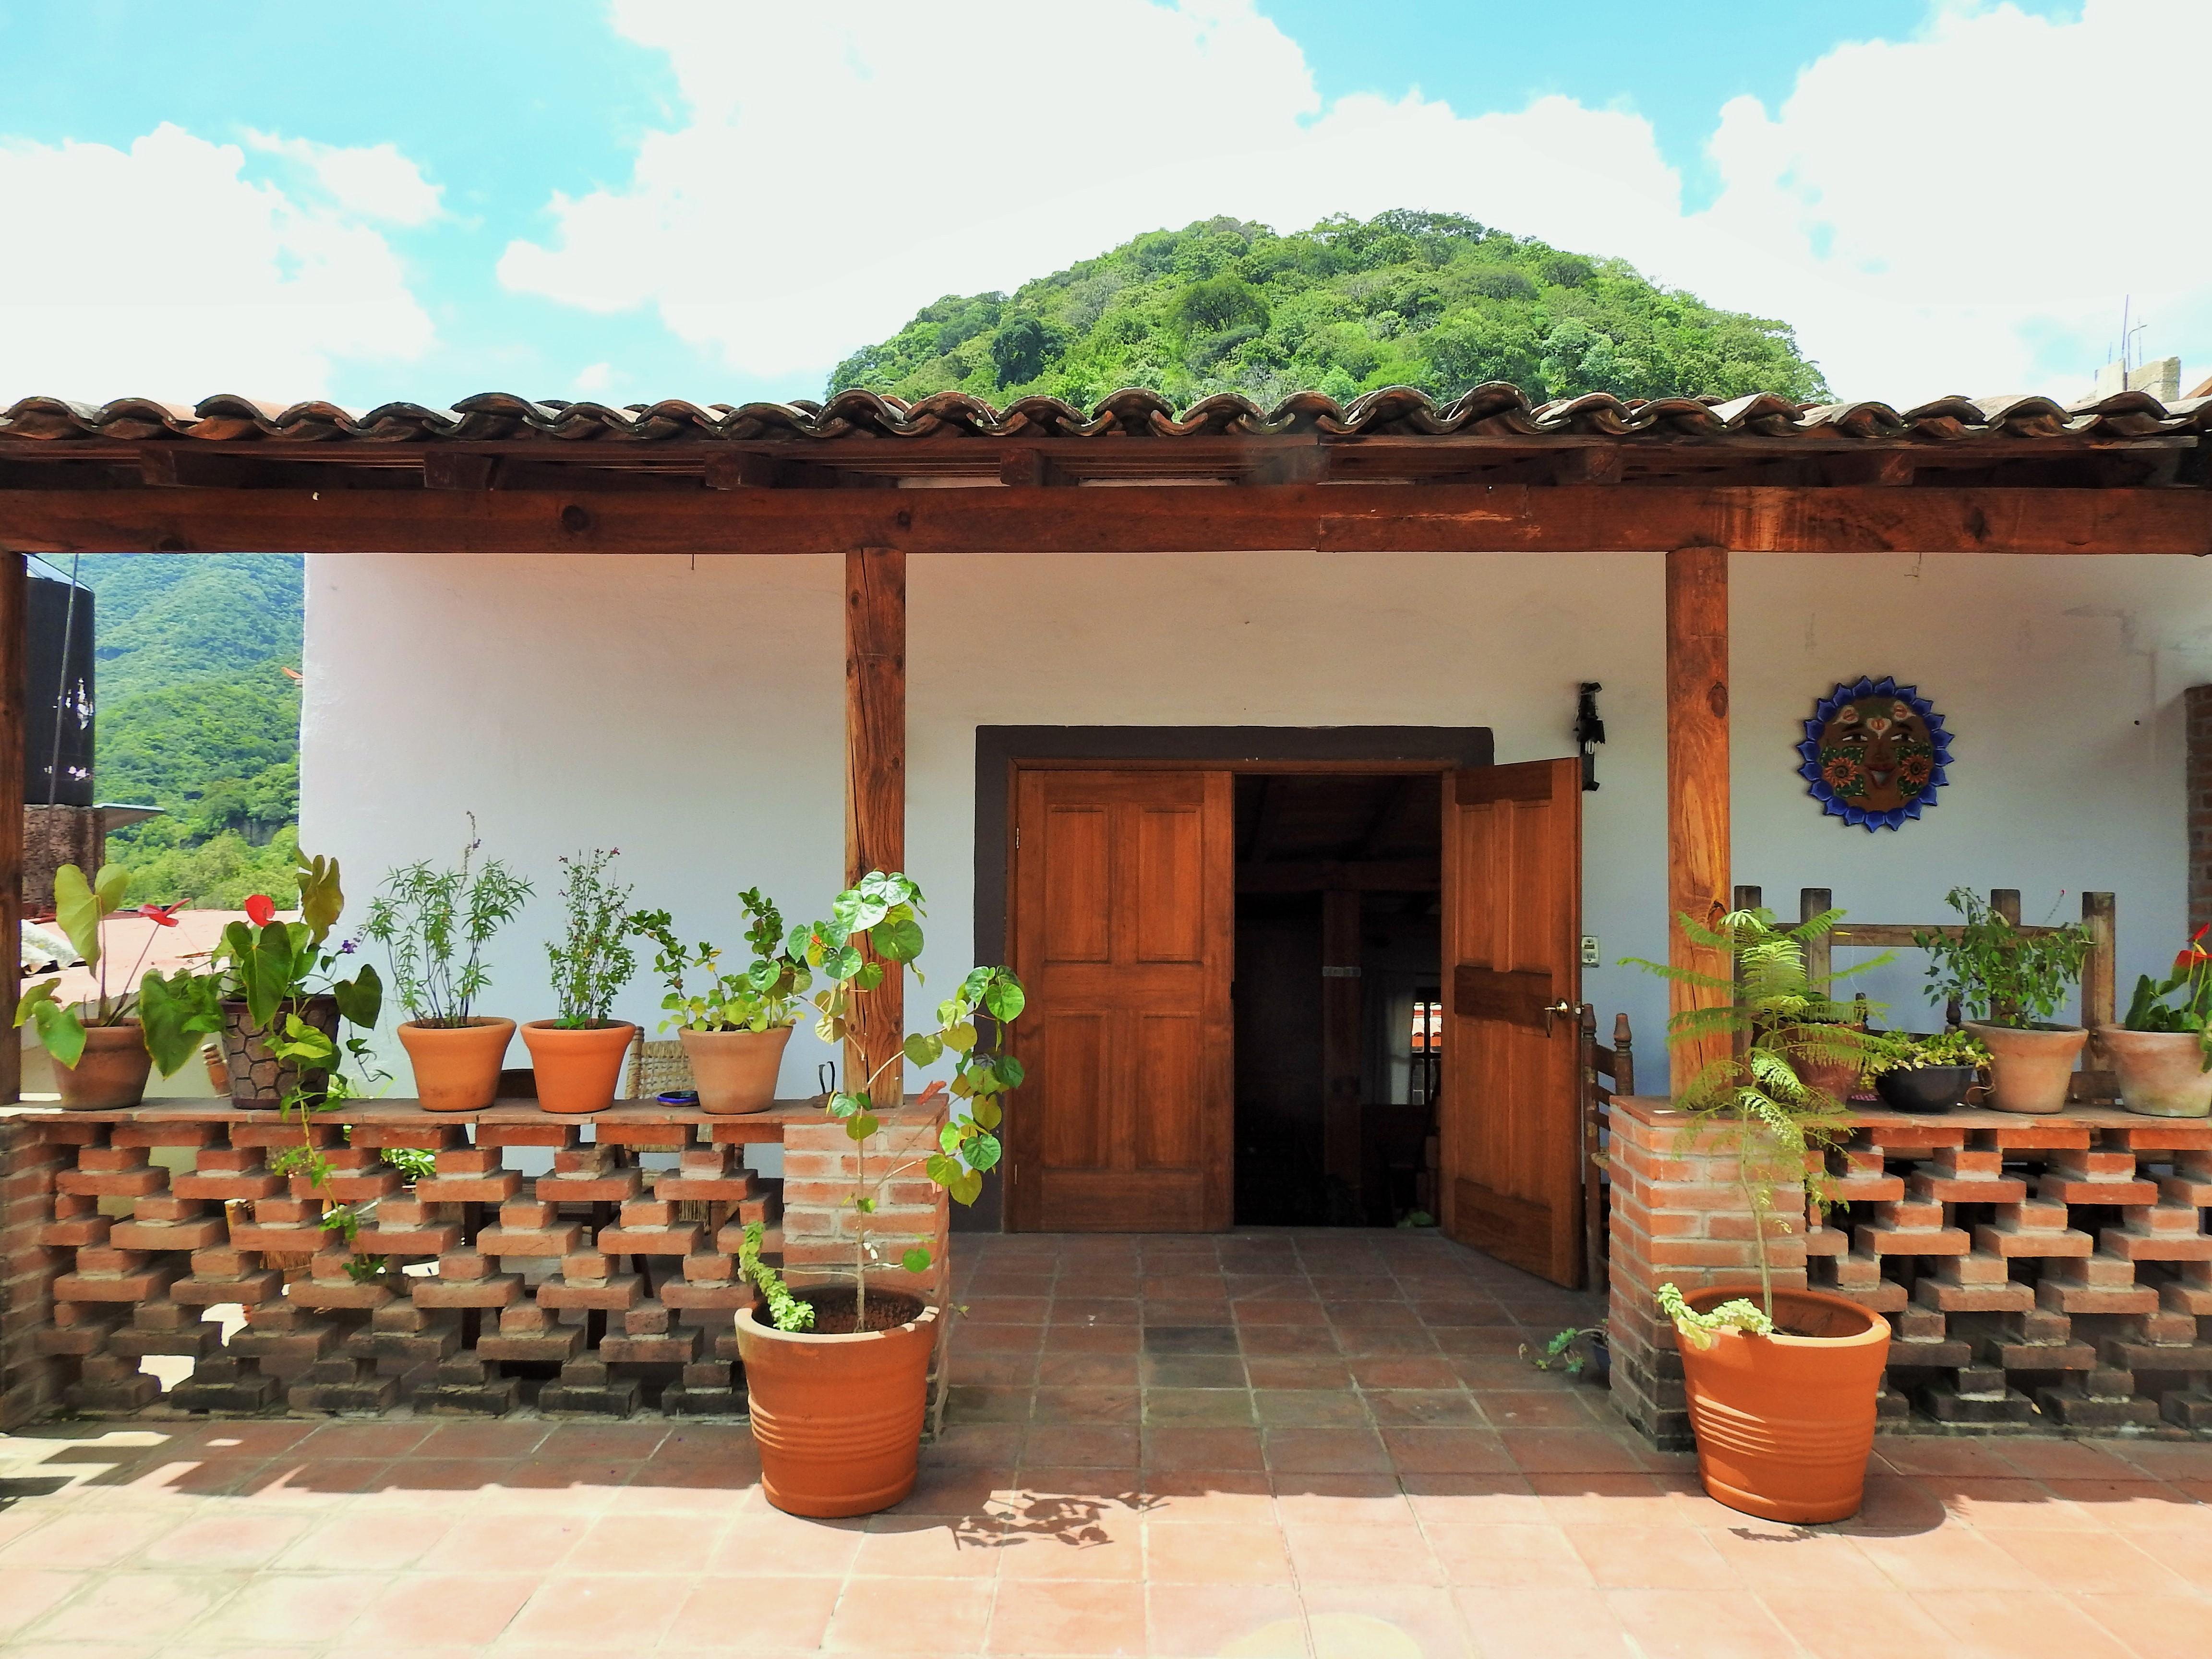 La terraza y entrada a la casita